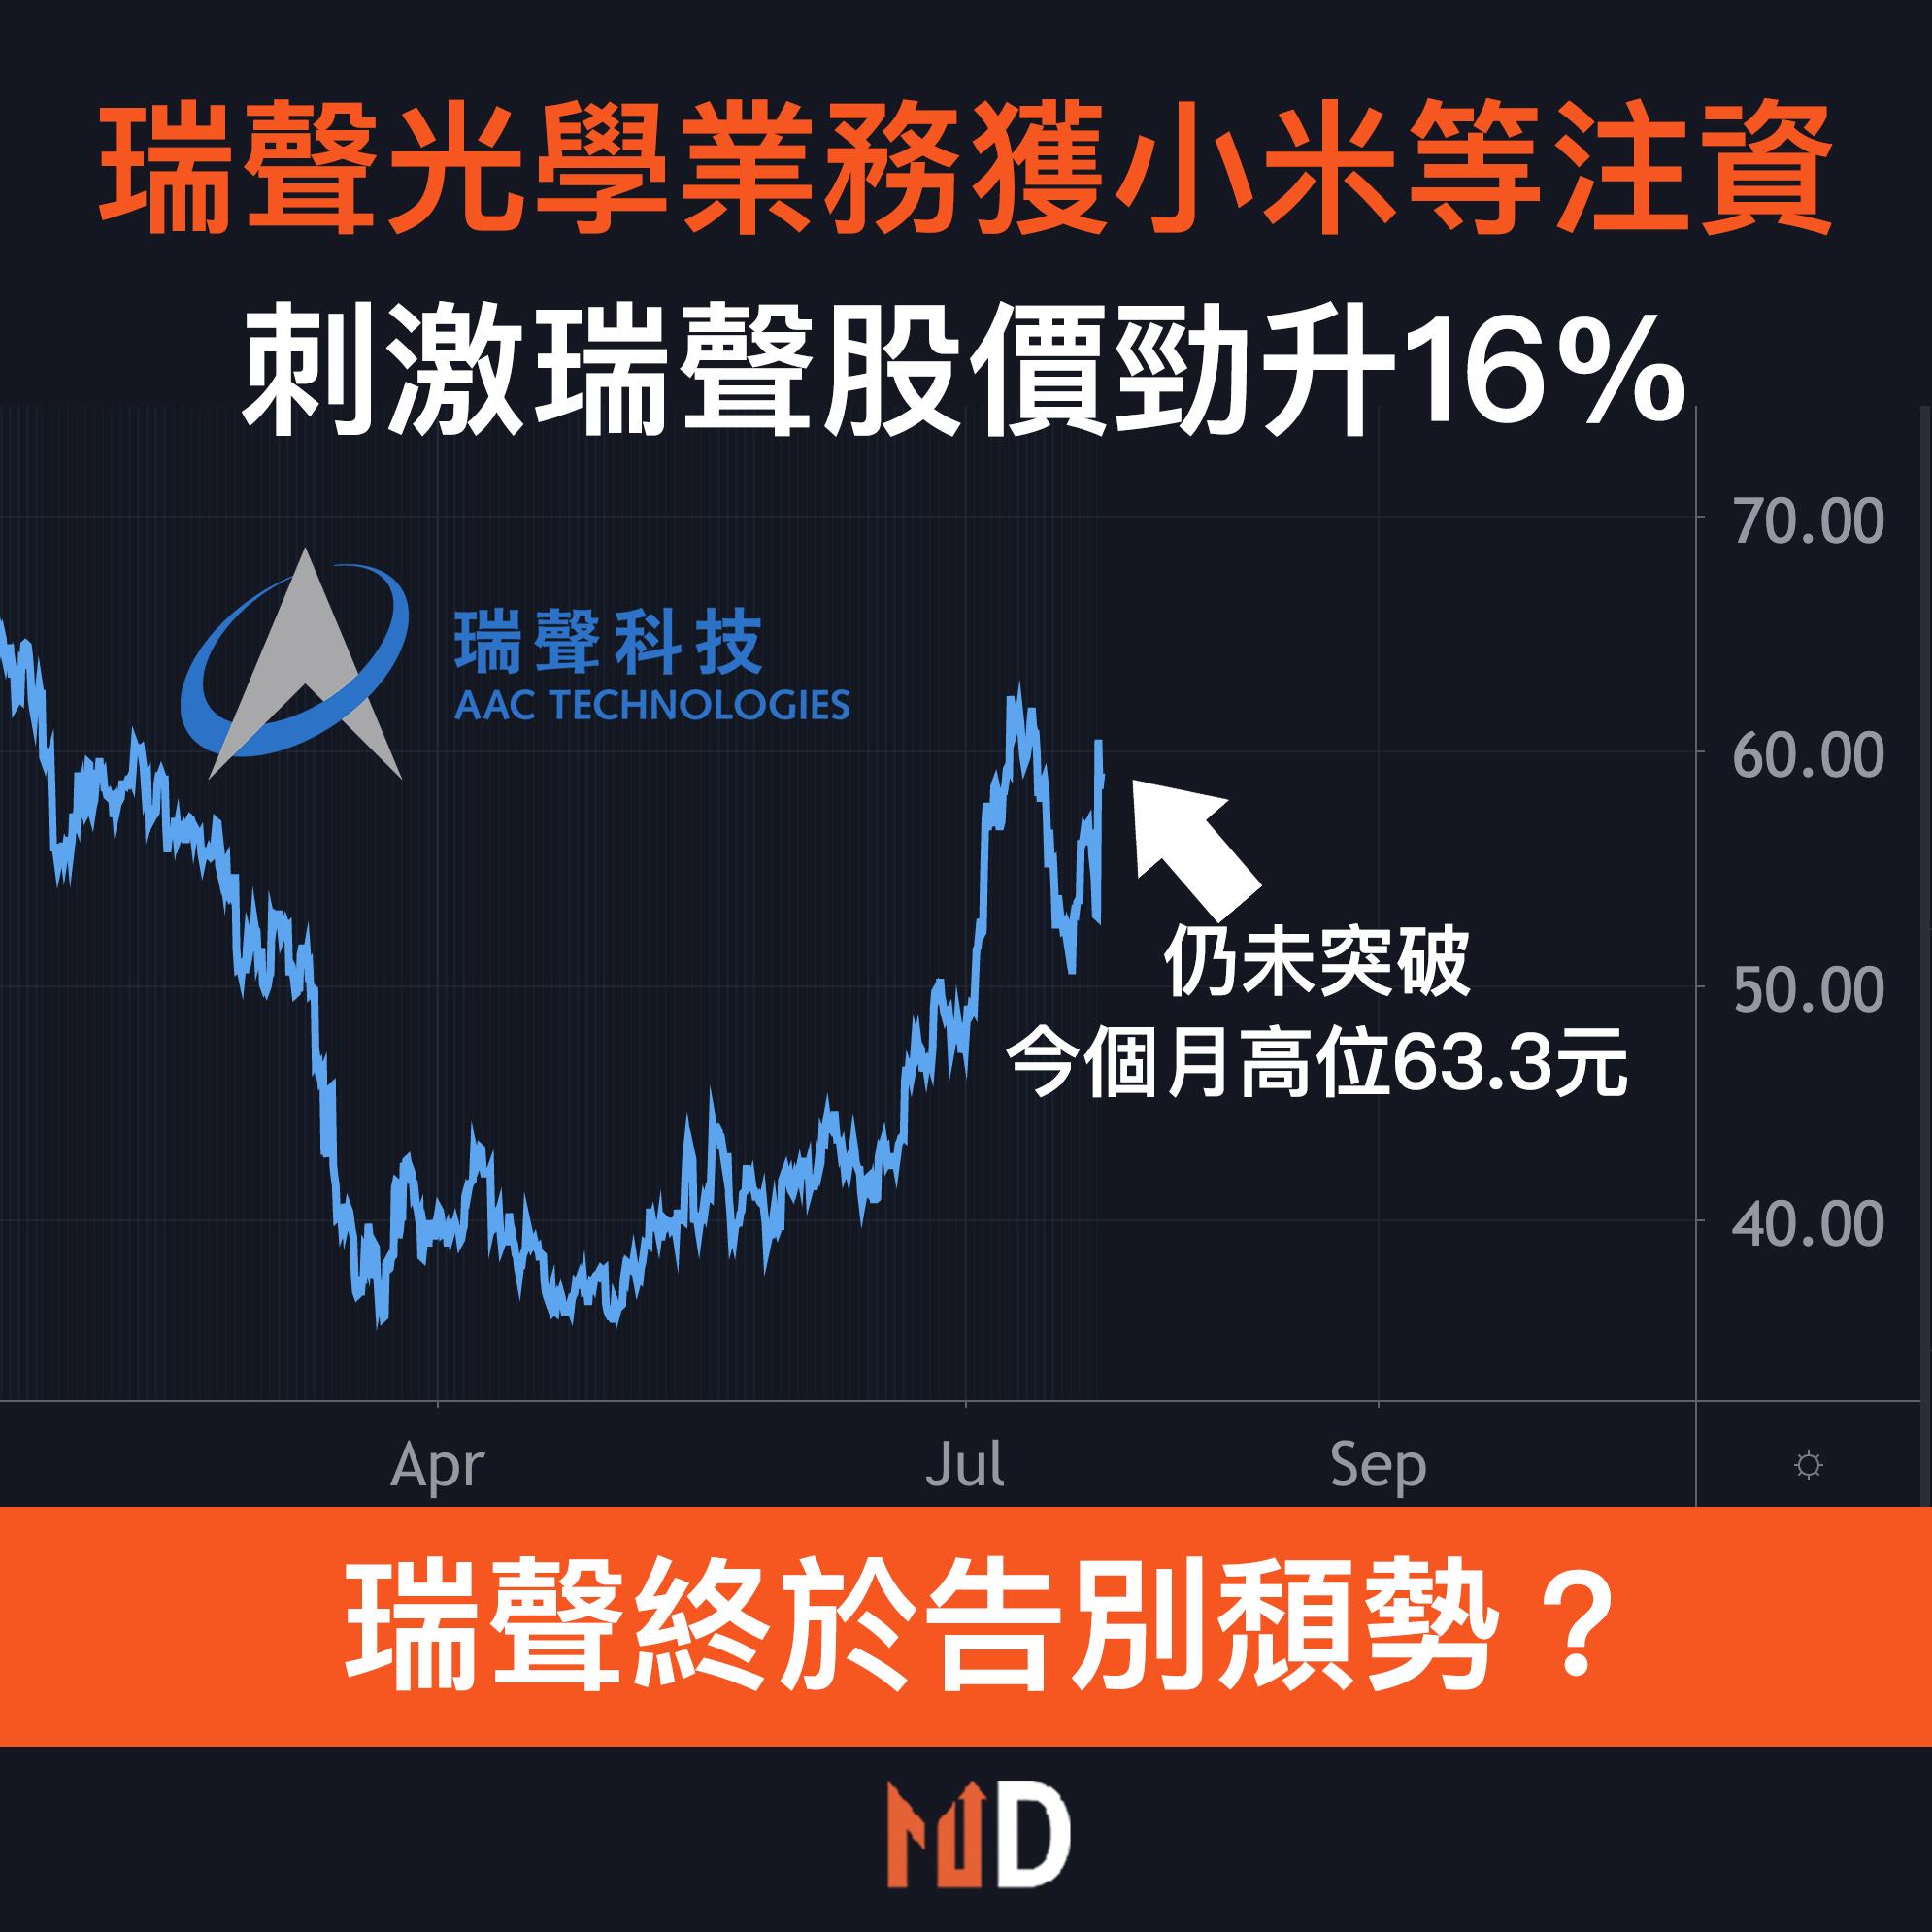 【圖解股市】瑞聲科技光學業務獲小米等注資,刺激前者股價勁升16%